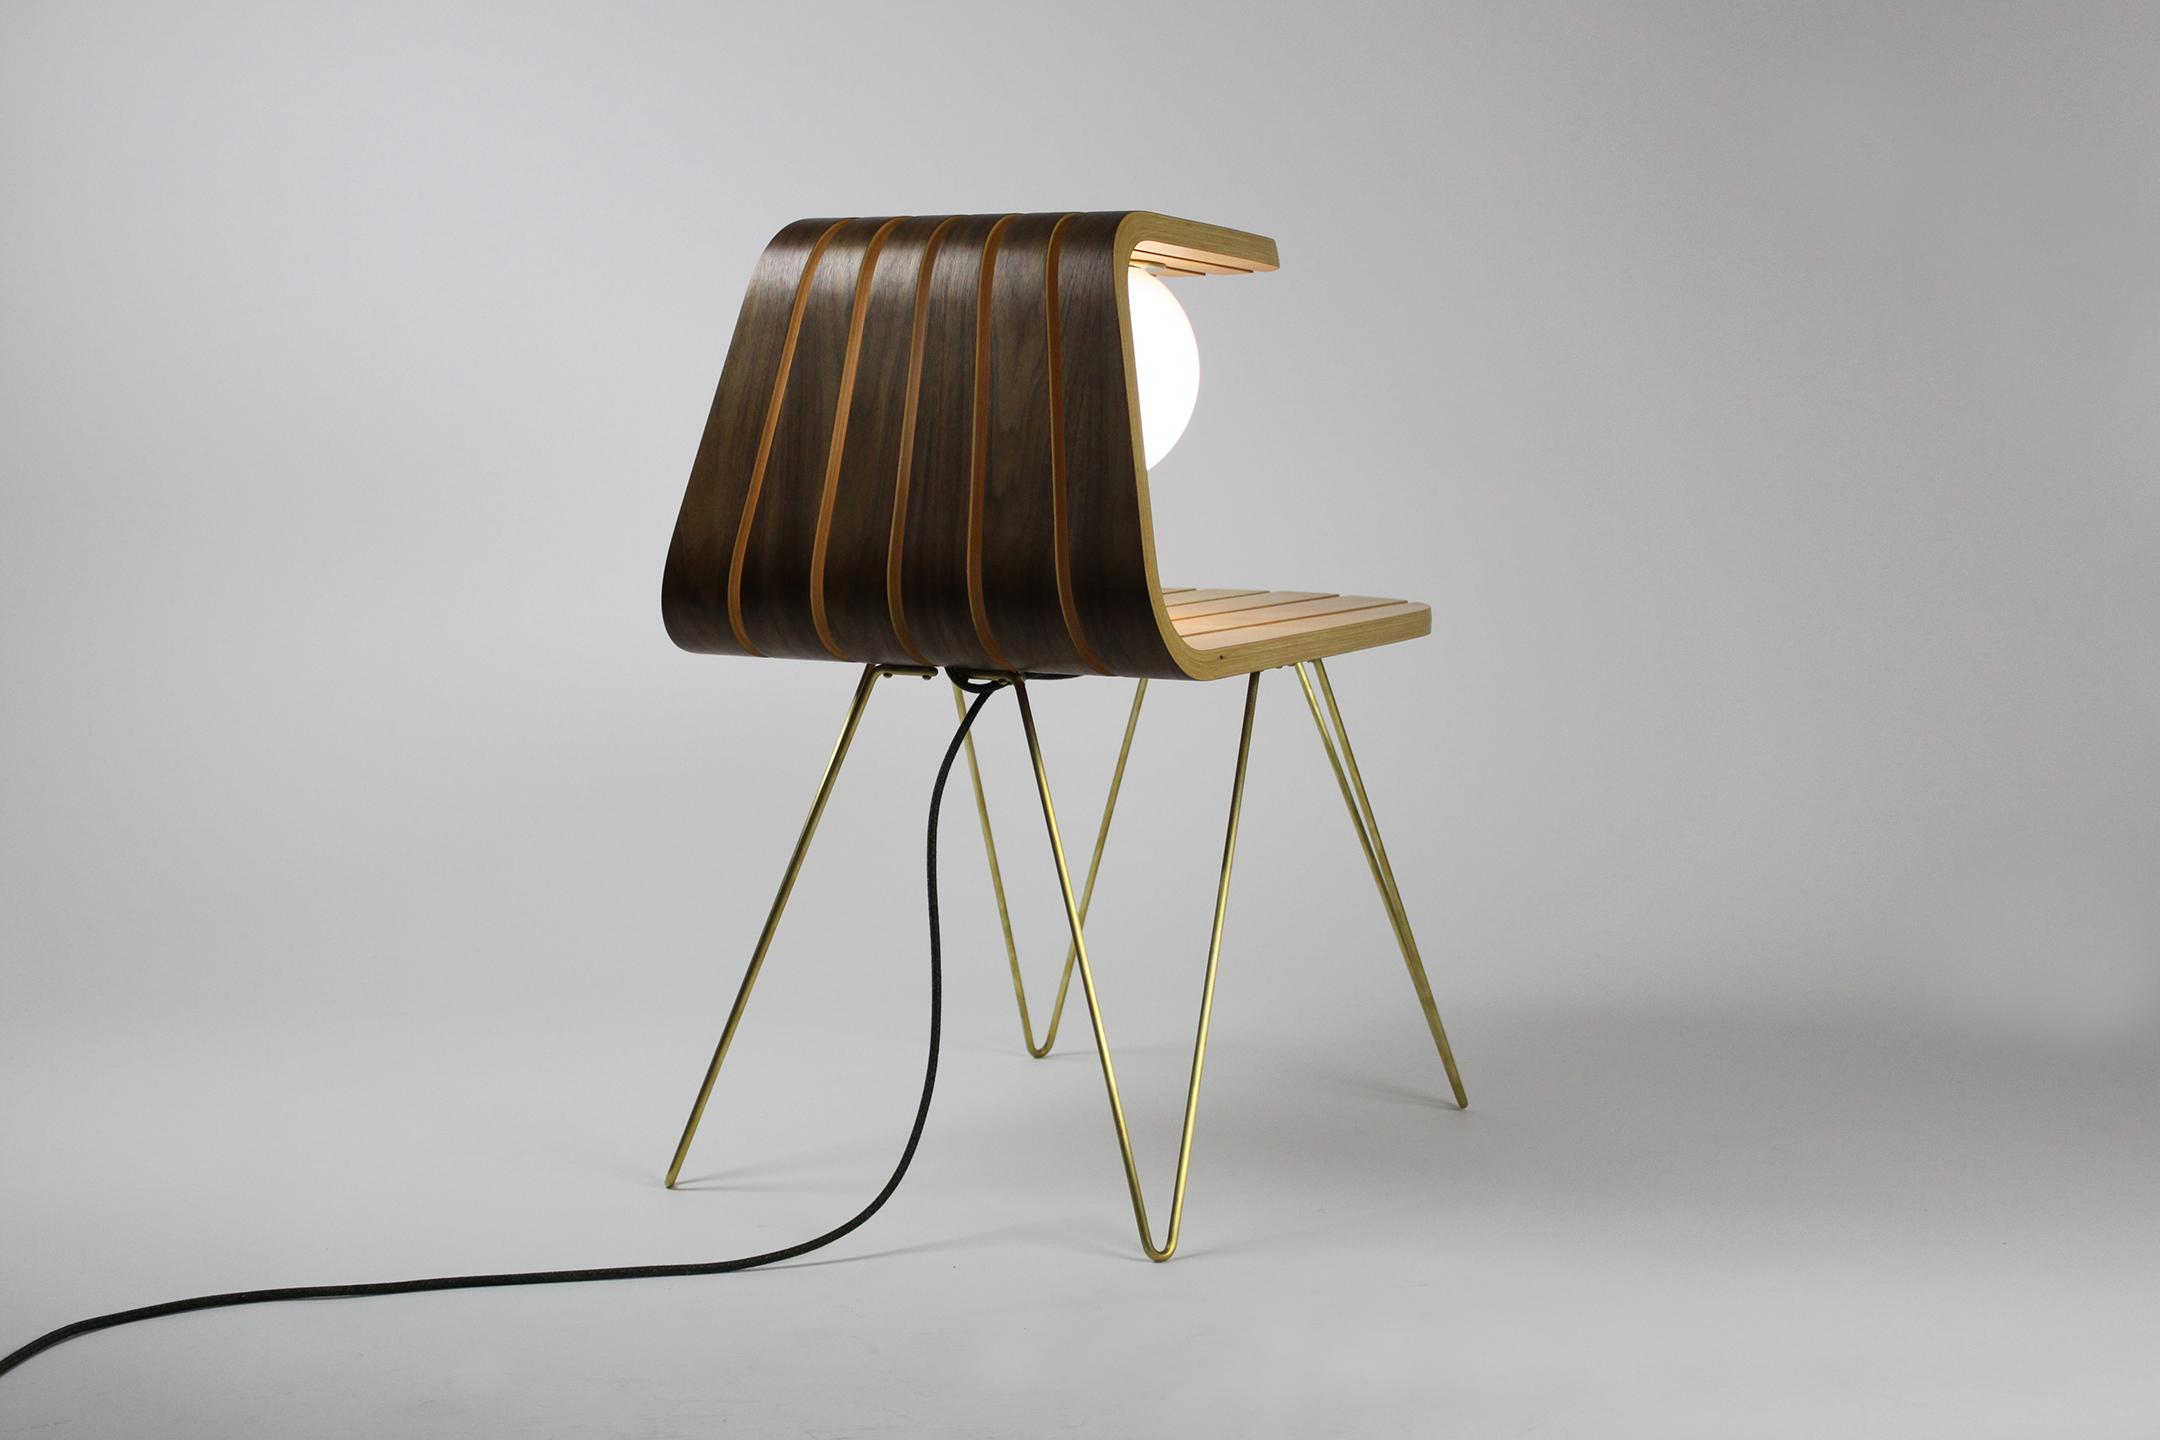 DAWN_table lamp 05_by Dane Saunders.jpg